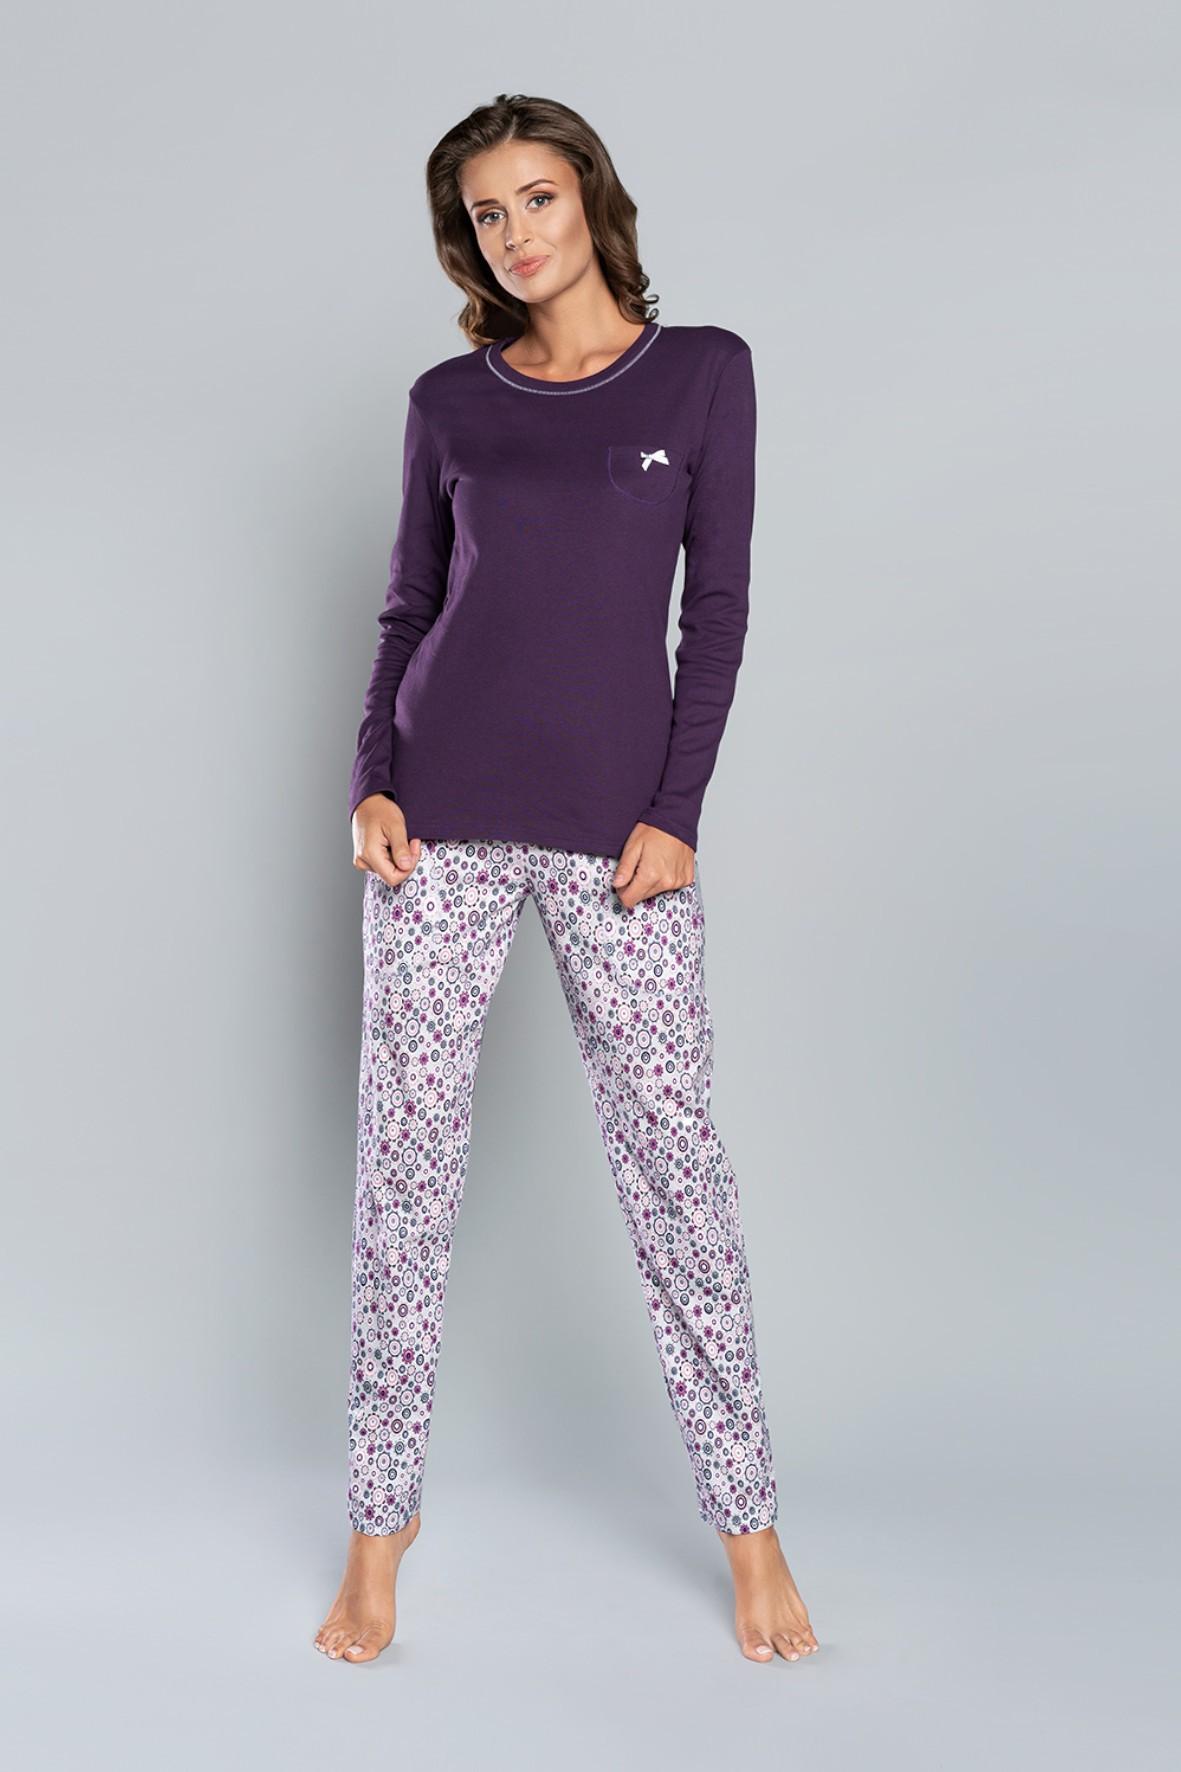 Piżama długi rękaw, długie spodnie - fioletowa